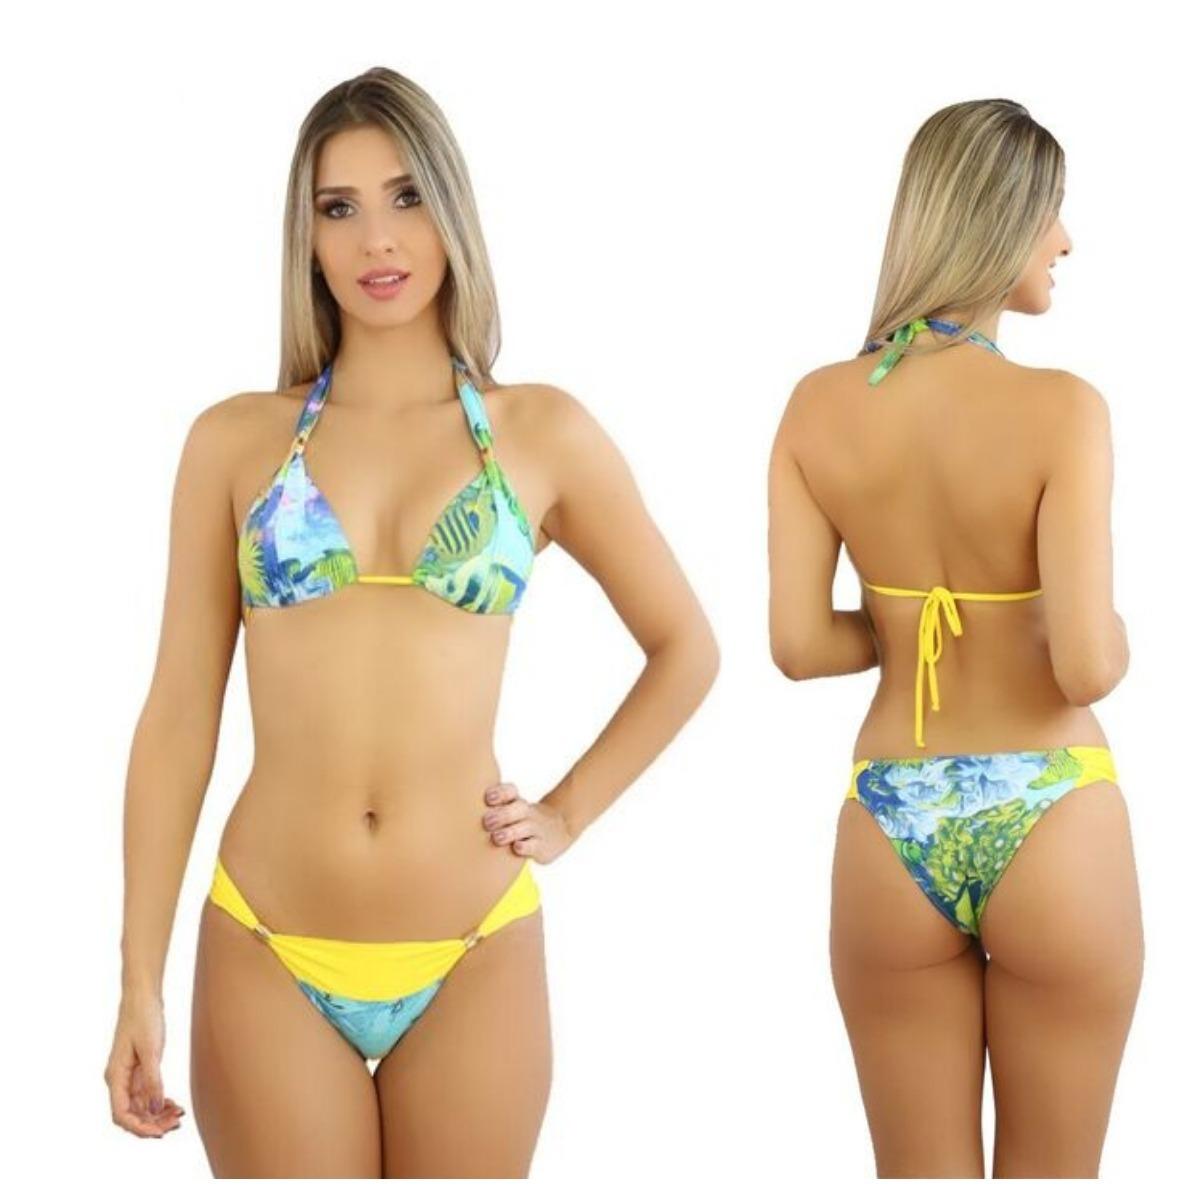 f847b5c8603 biquinis 2018 moda praia biquinis baratos z9 biquini confort. Carregando  zoom.